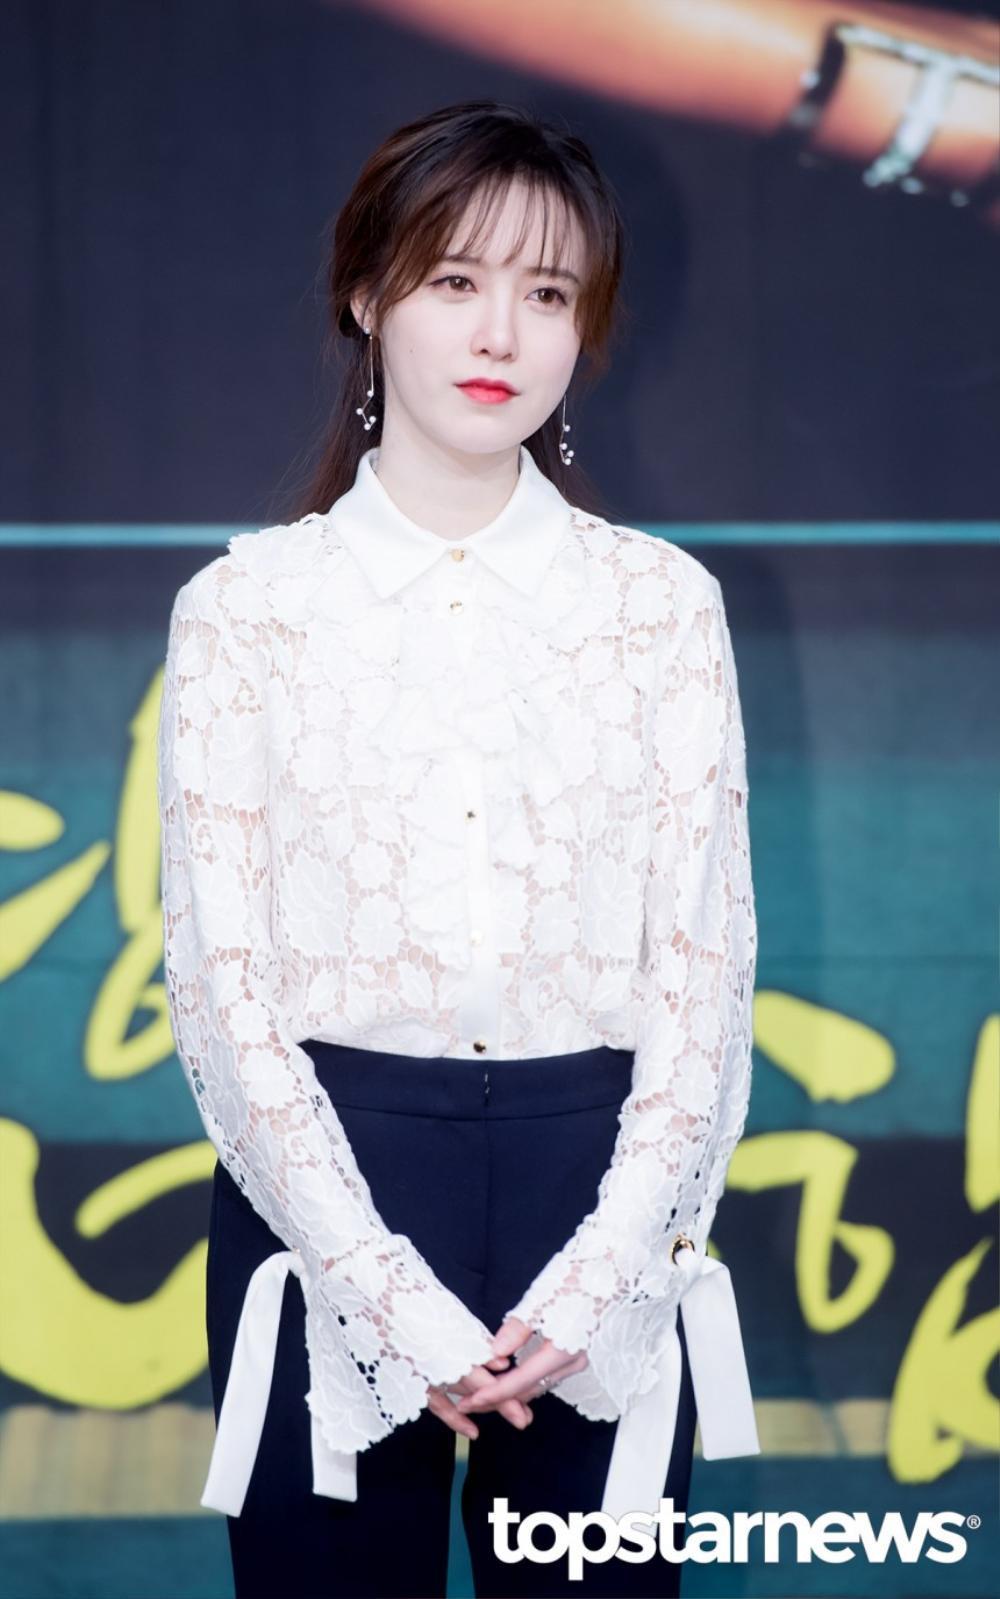 Sau tất cả, Ahn Jae Hyuk chính là nạn nhân của Goo Hye Sun: Bị vu oan, sự nghiệp tiêu tan! Ảnh 5